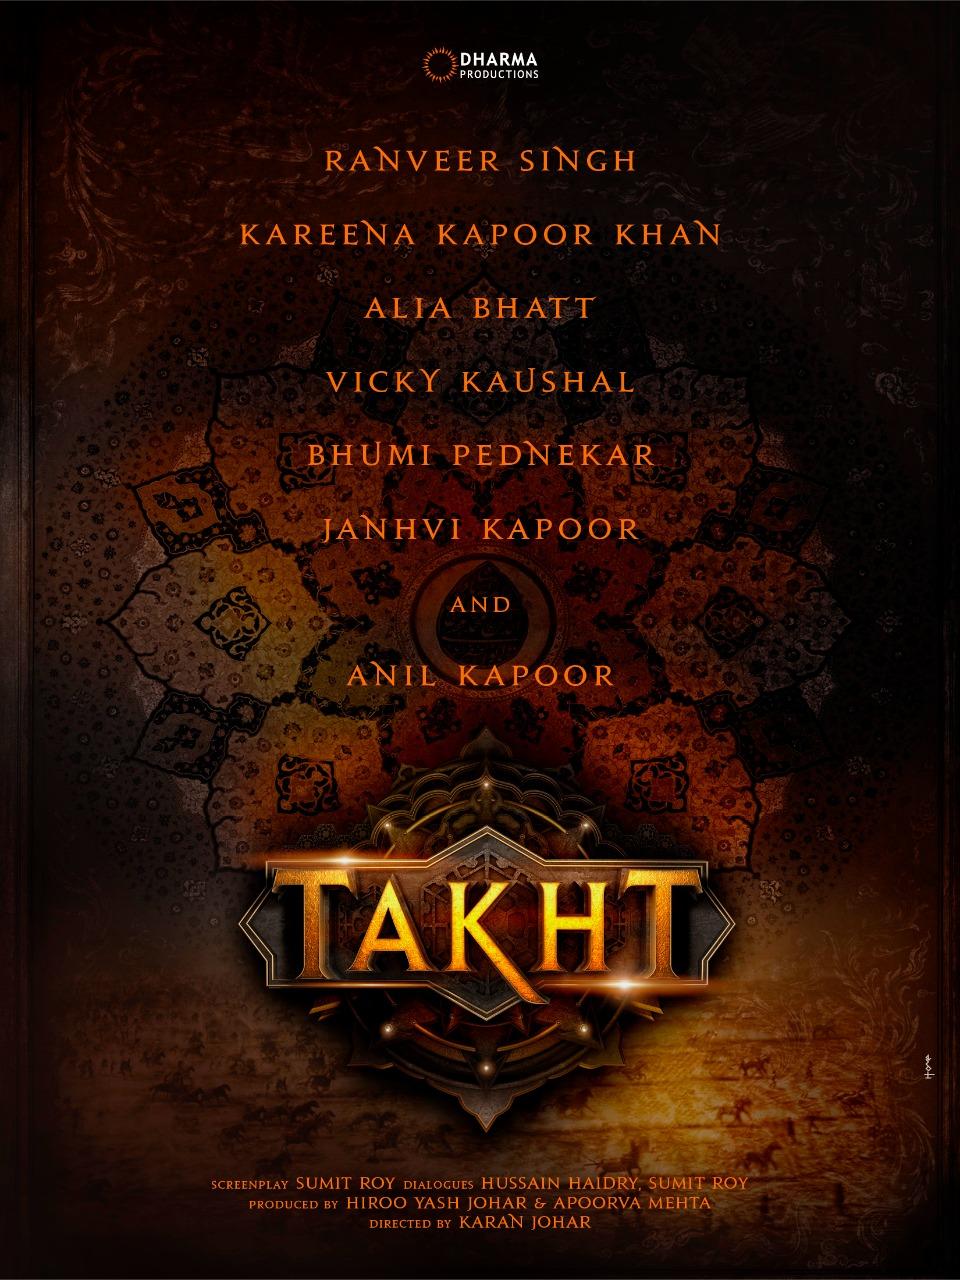 करण जौहर बनायेंगे 'तख़्त' रणवीर, करीना, आलिया के साथ होंगी जाह्नवी, यहाँ देखिये पहला LOOK